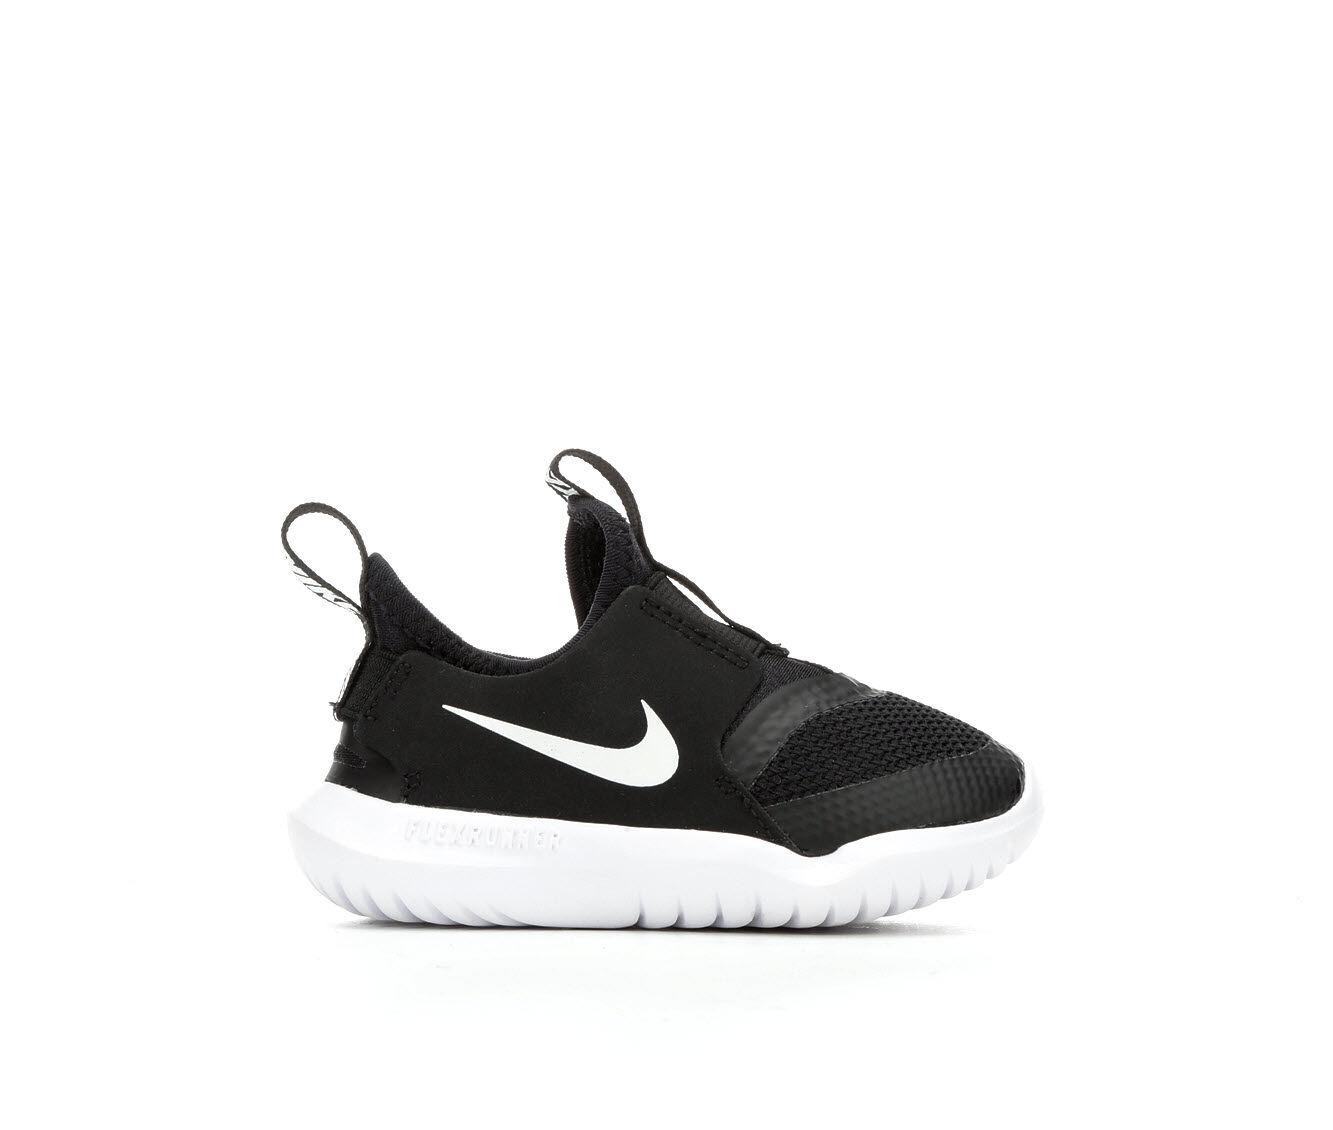 Boys' Nike Infant \u0026 Toddler Flex Runner